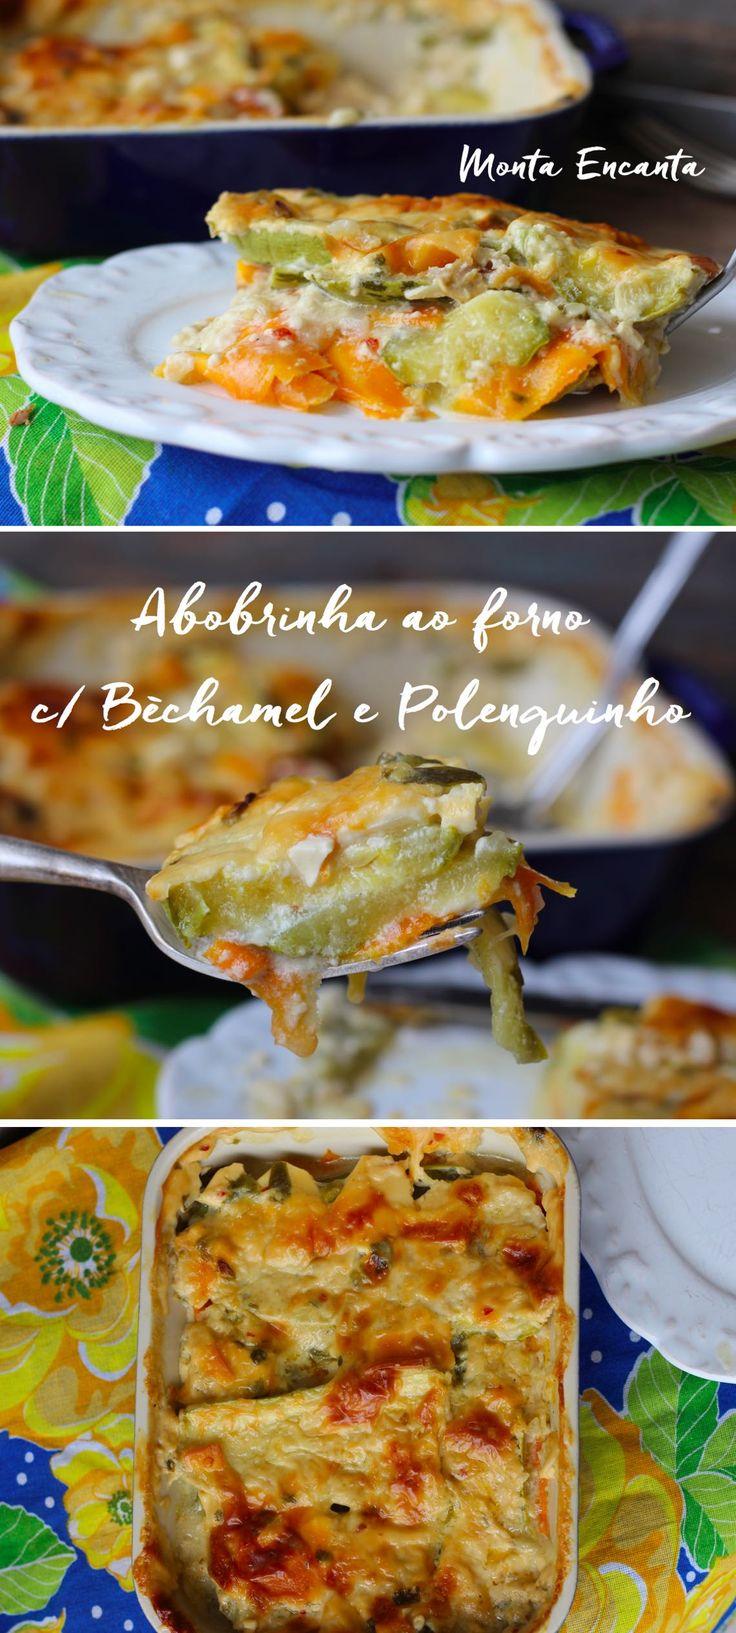 Abobrinha ao forno com Molho Bèchamel e Polenguinho gratinada ao forno com cenoura fatiada bem fininha, surpreende no sabor, na textura.